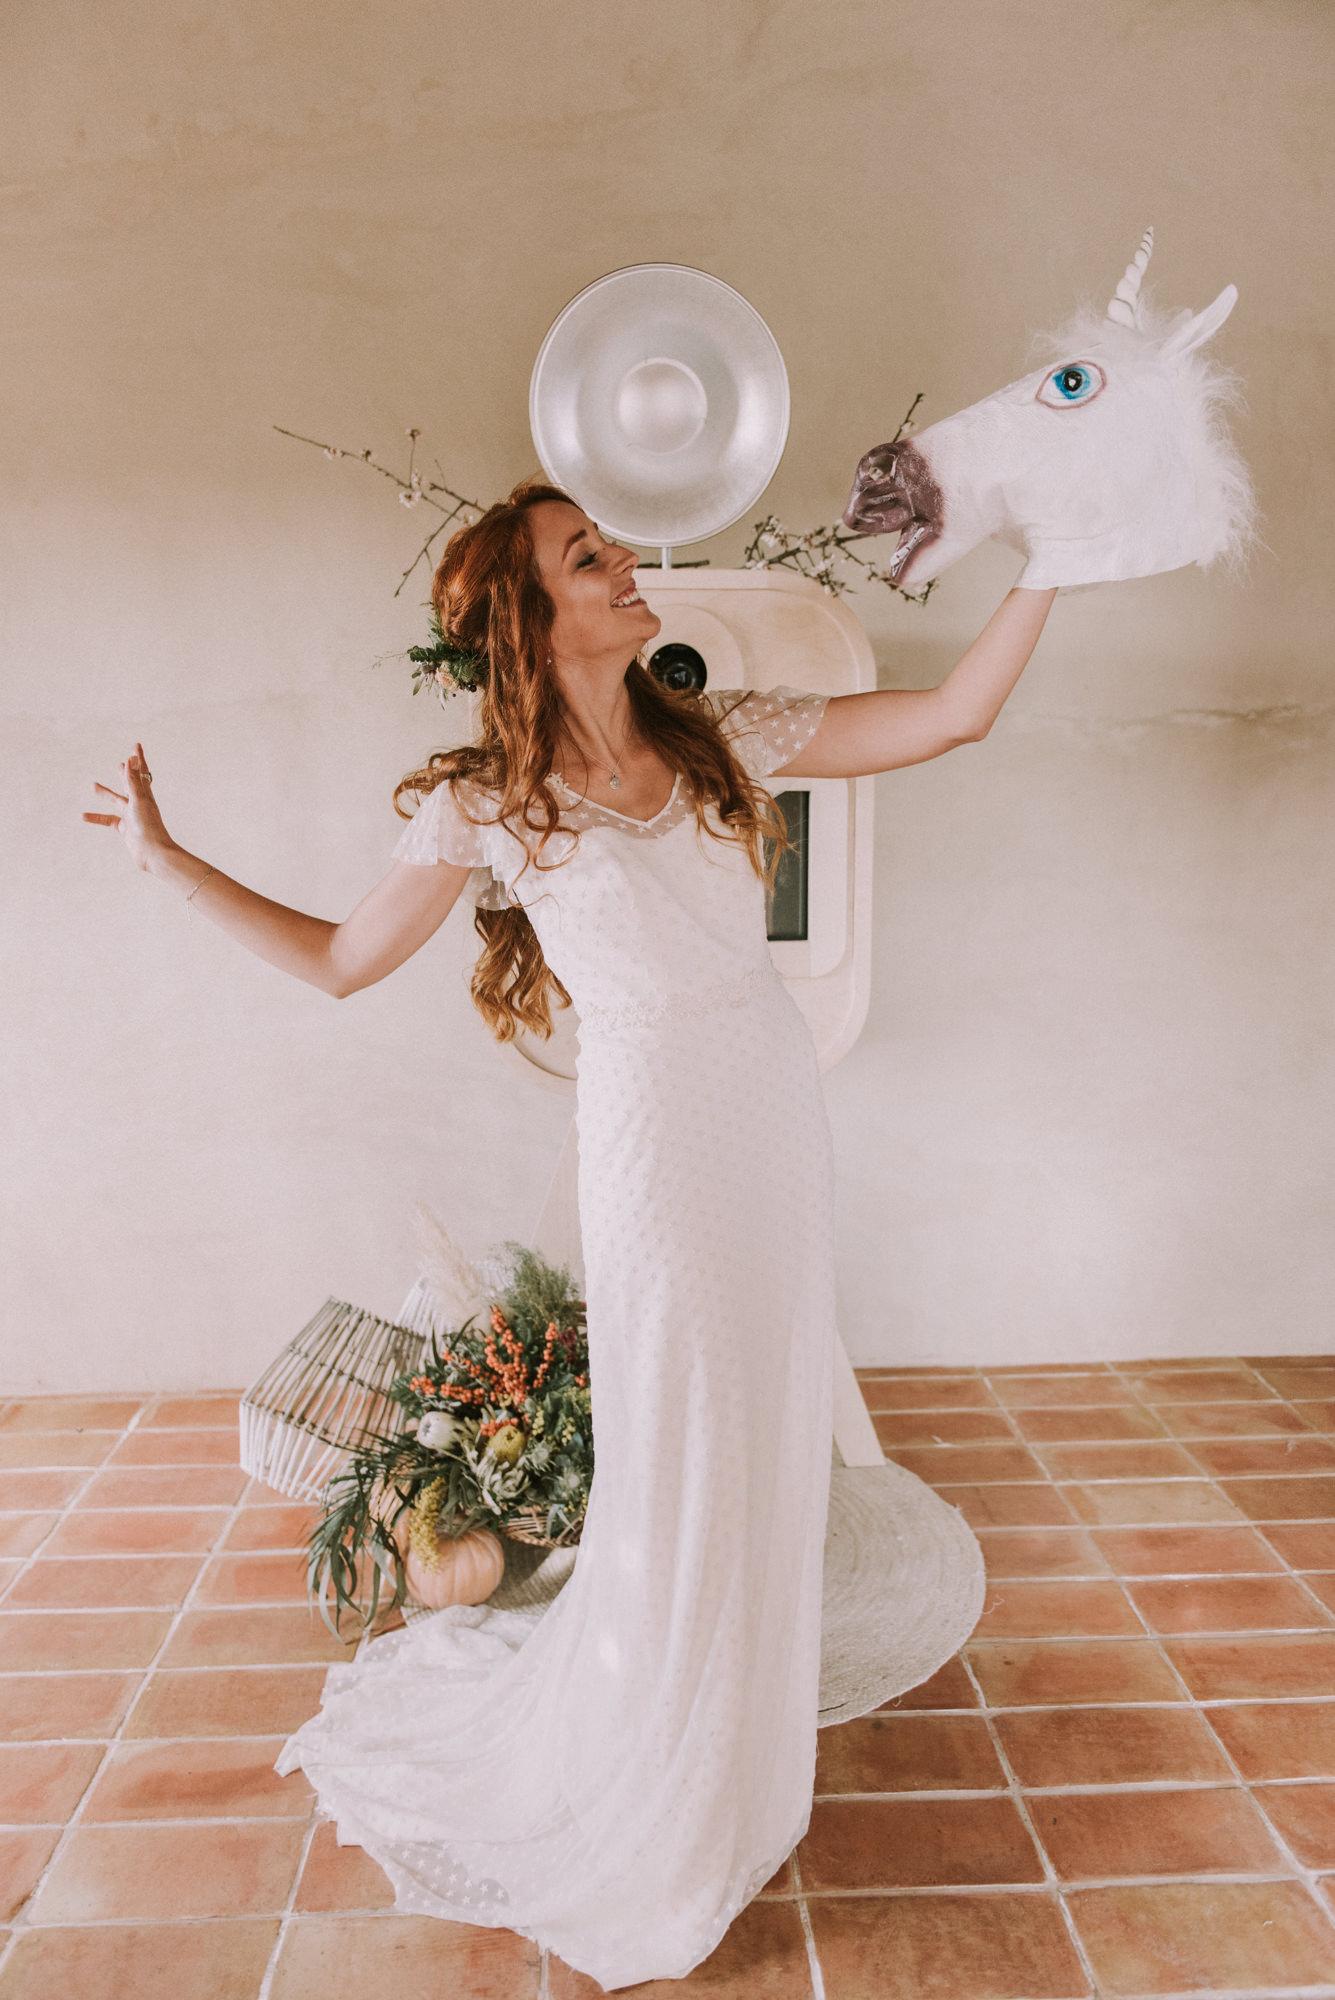 Atrezzo original para bodas y eventos